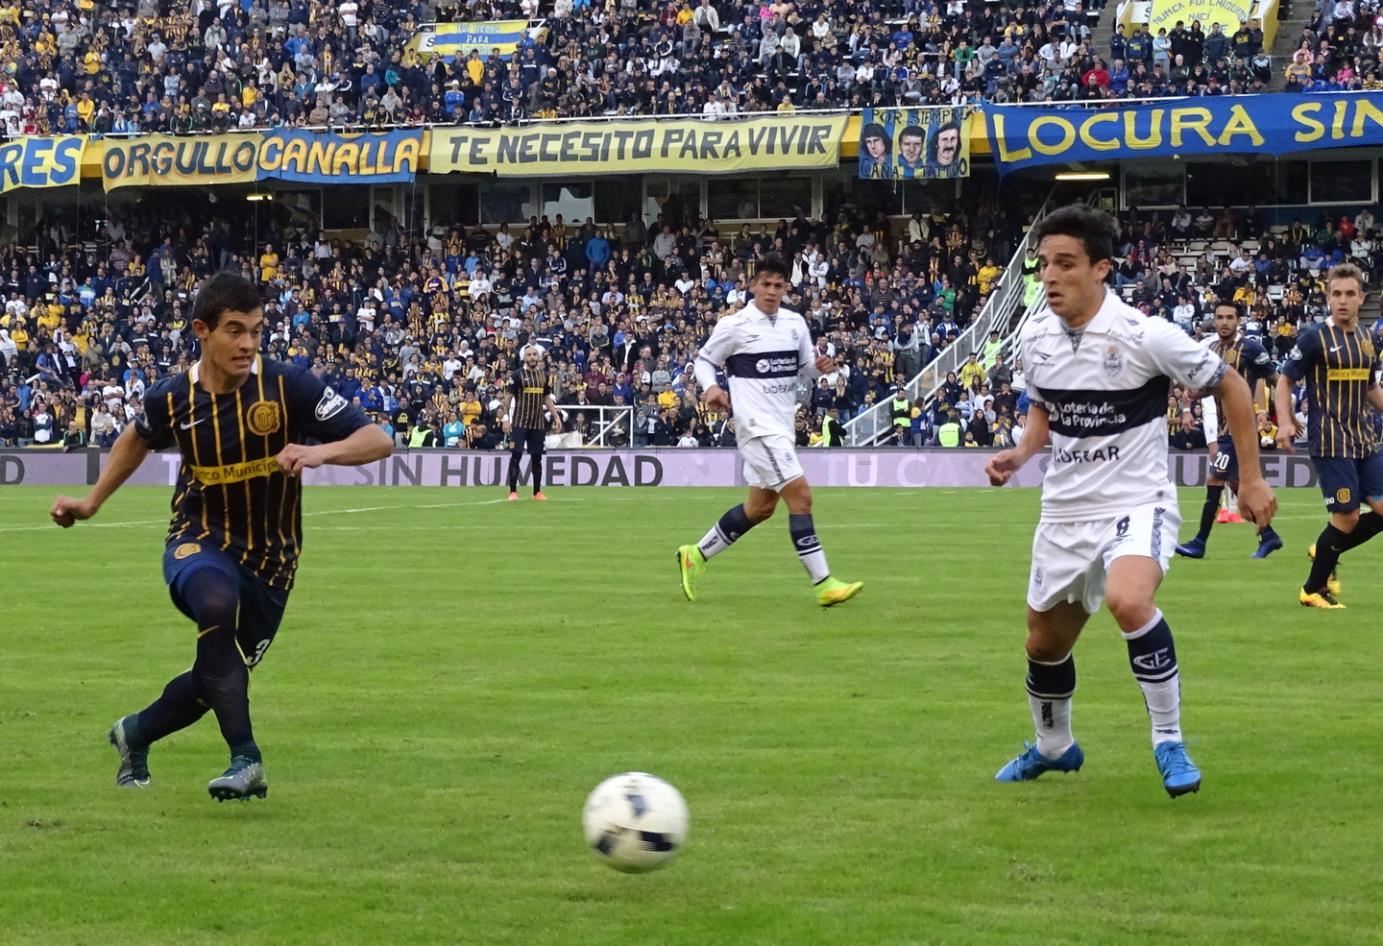 Este es el resumen del fútbol argentino en su última fecha